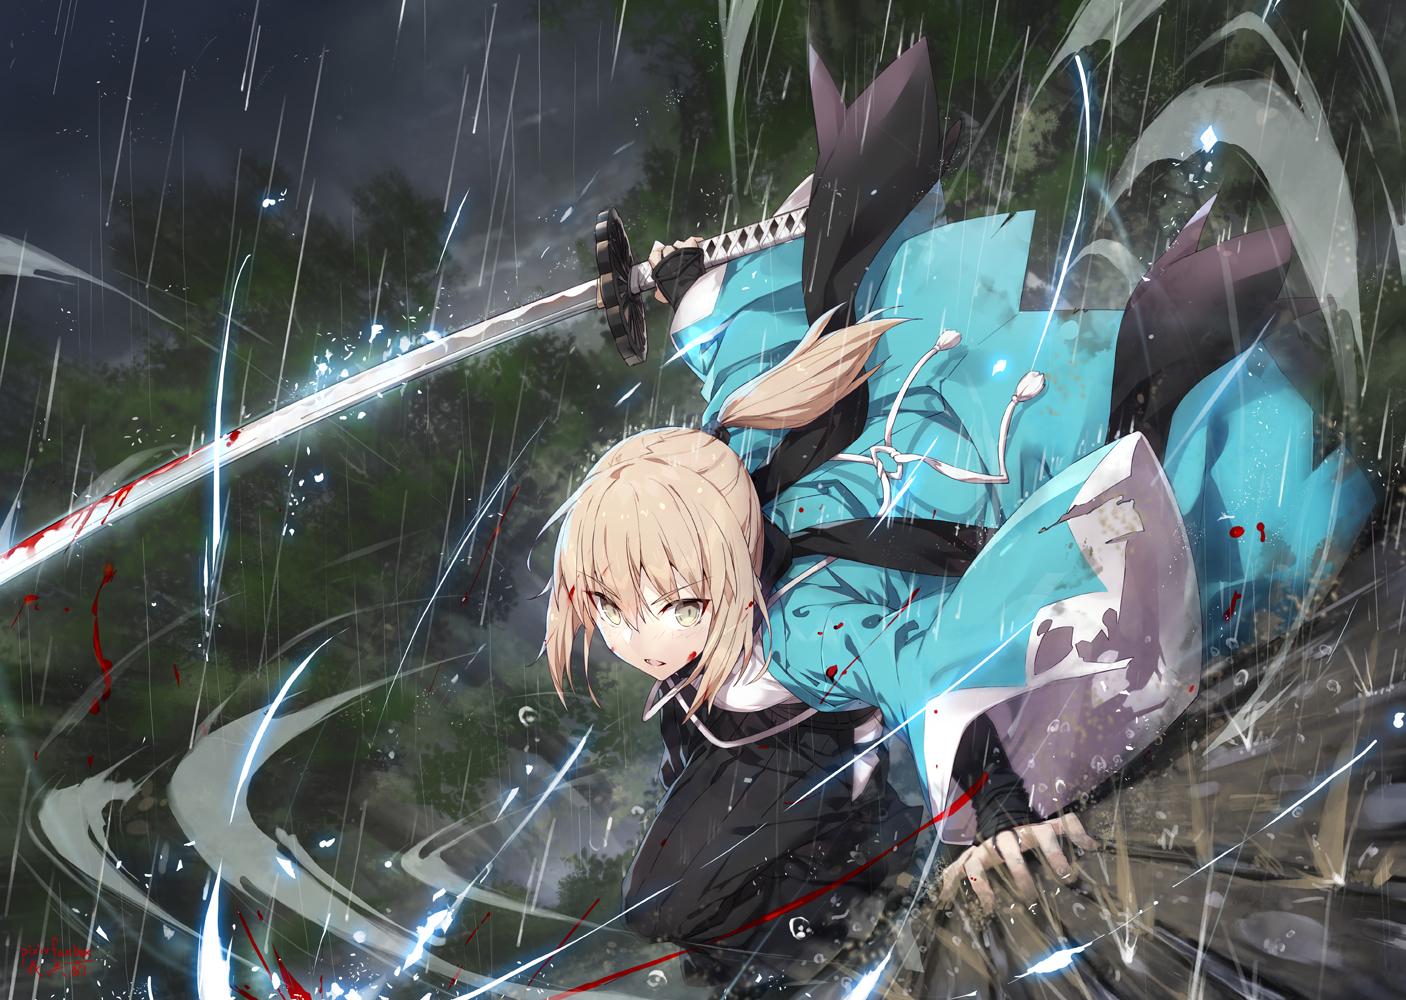 blonde_hair blood fate/grand_order fate_(series) gabiran japanese_clothes okita_souji orange_eyes ponytail rain signed sword water weapon